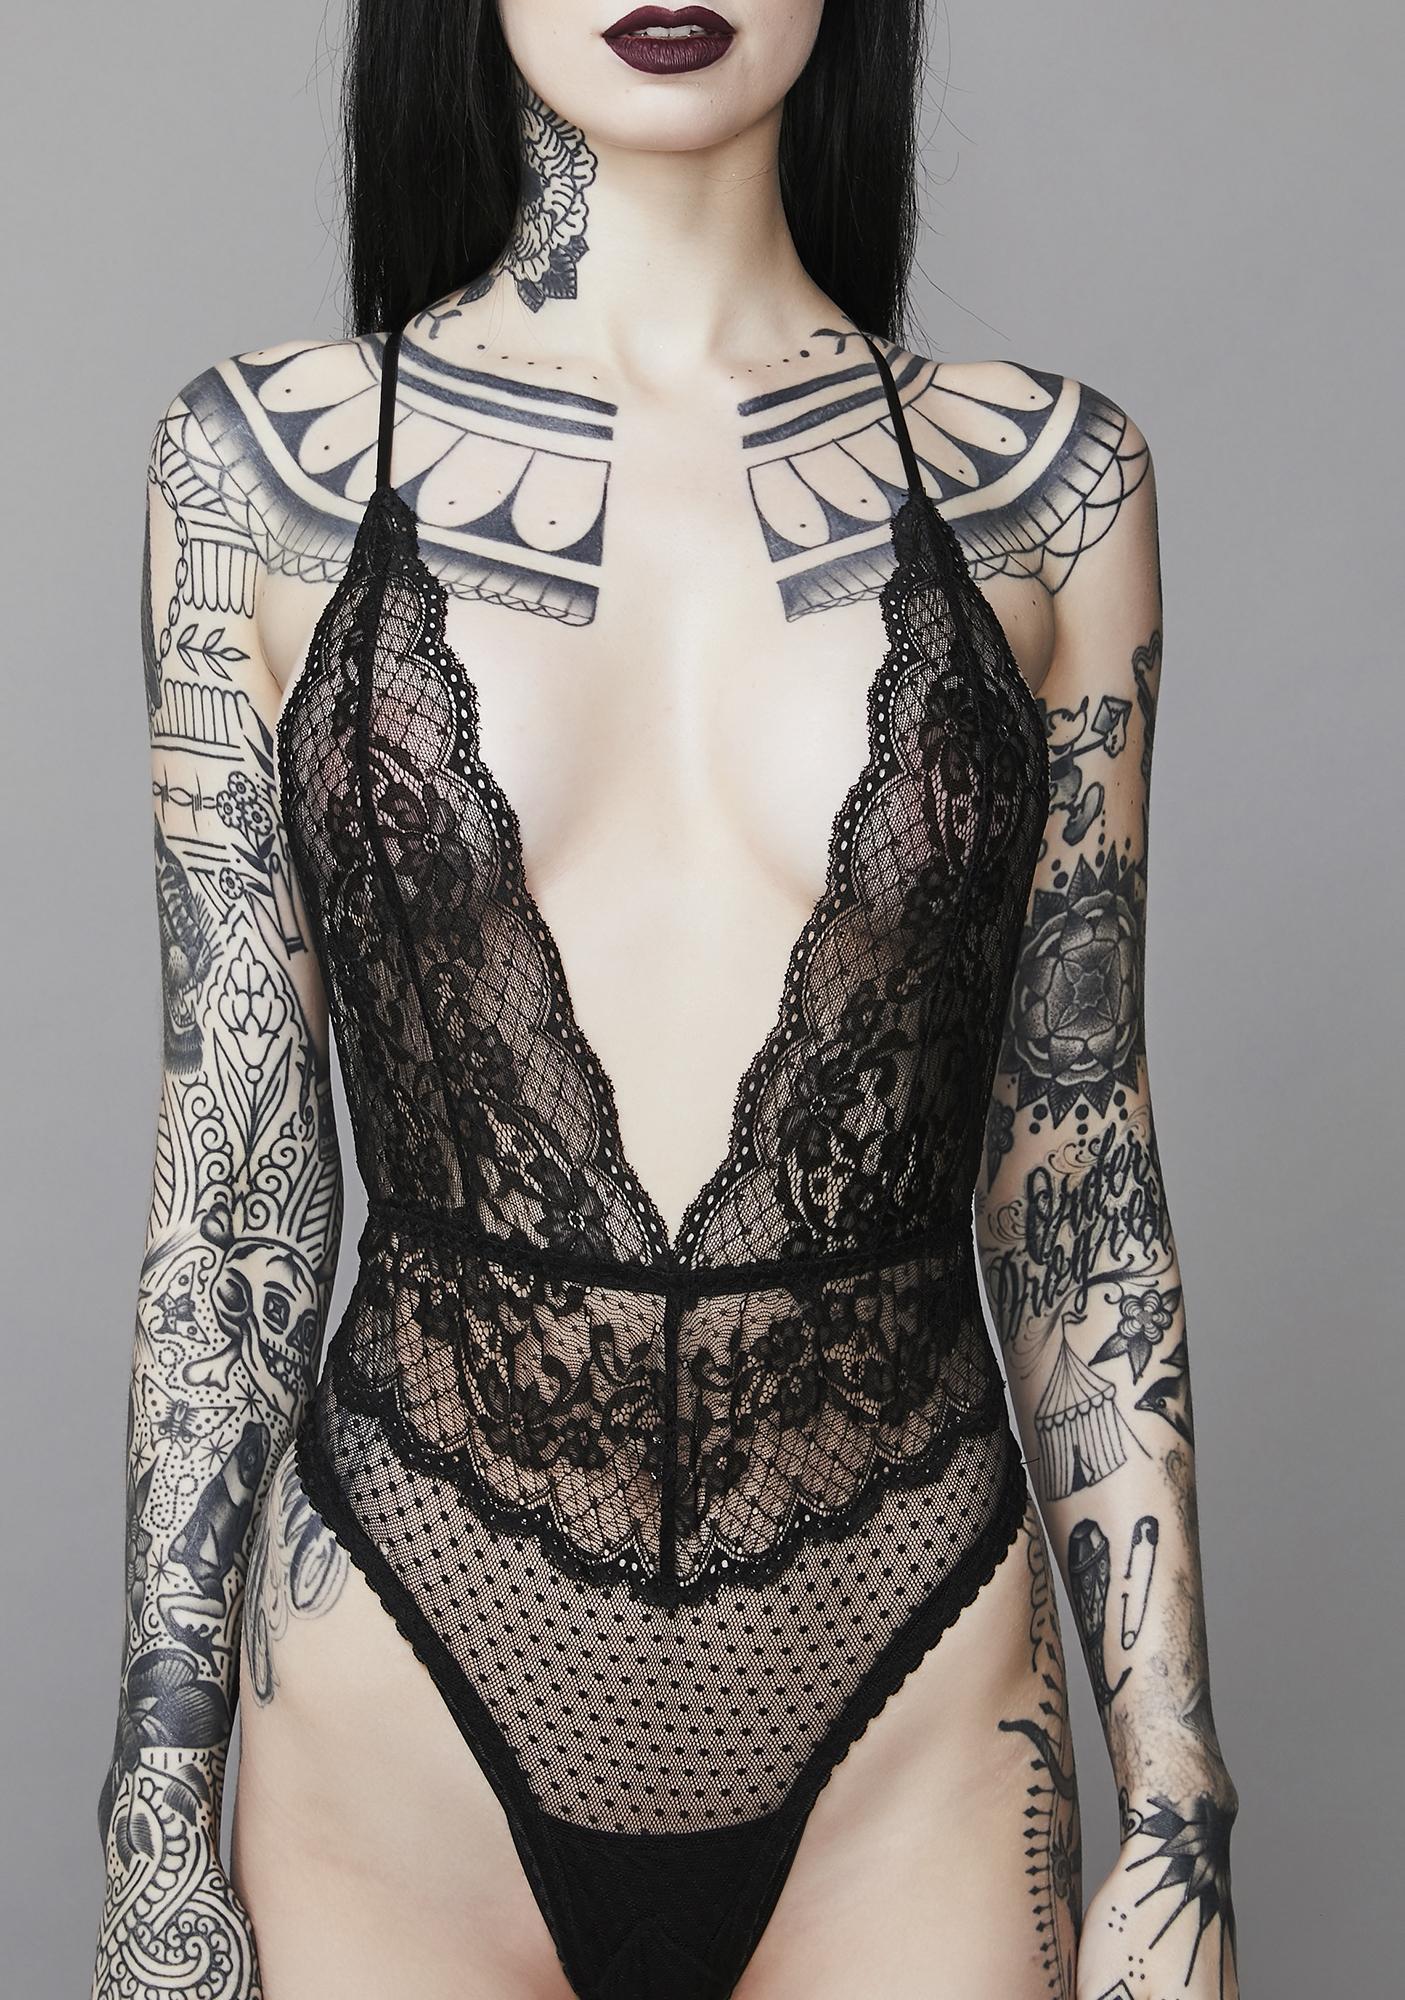 Widow Spellbinding Lace Bodysuit